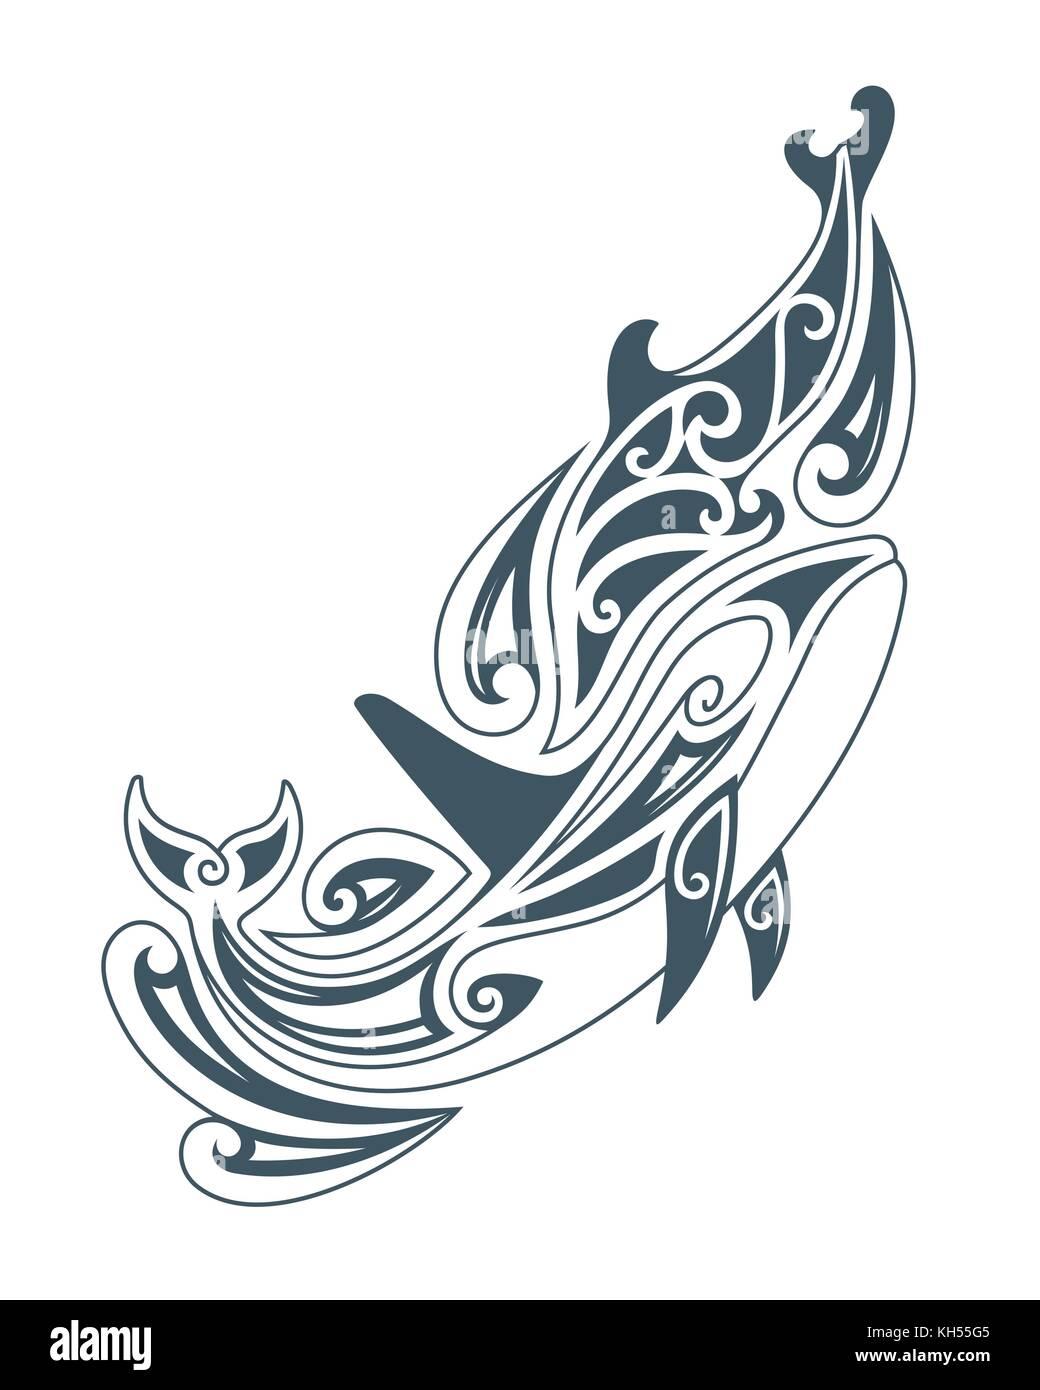 Illustration Vecteur De Dauphins Dans Le Style De Dessin Tribal